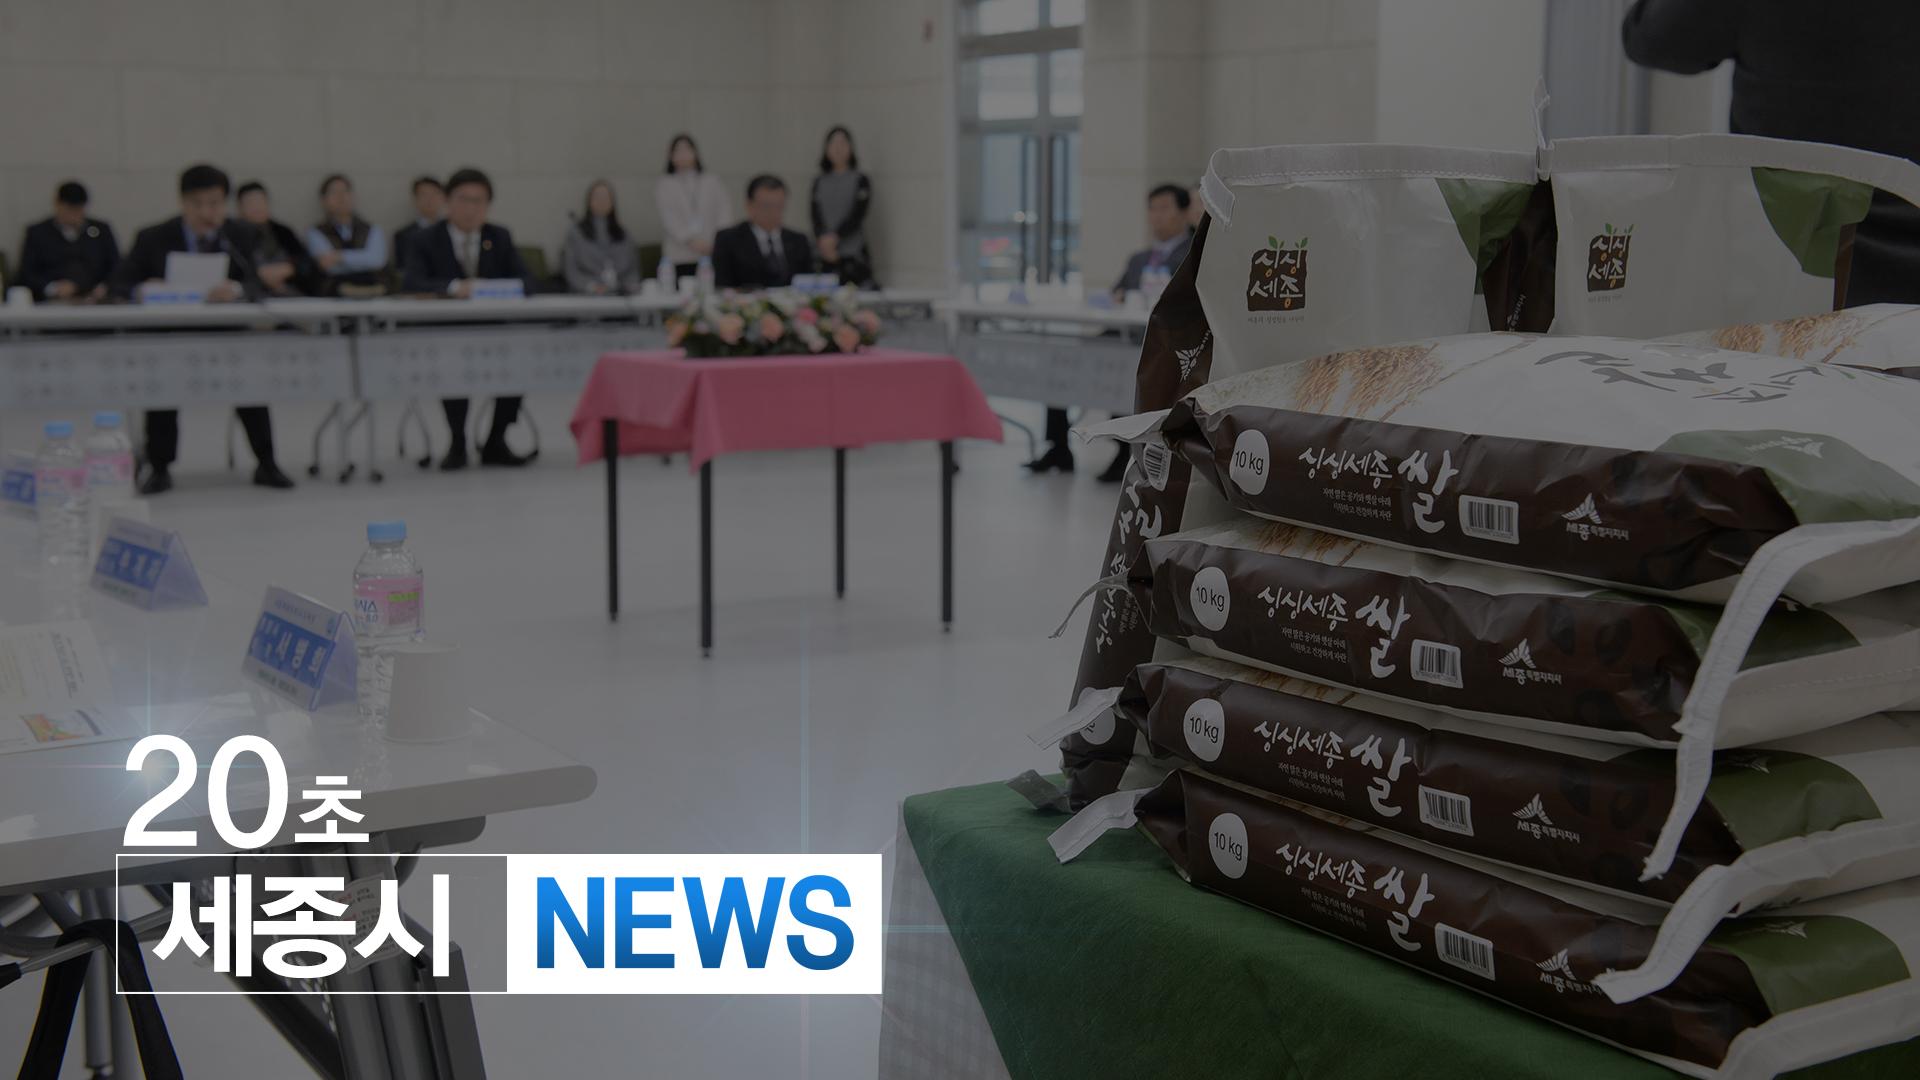 <20초뉴스> 세종시, 학교급식 식재료 공급의 새로운 모델 제시